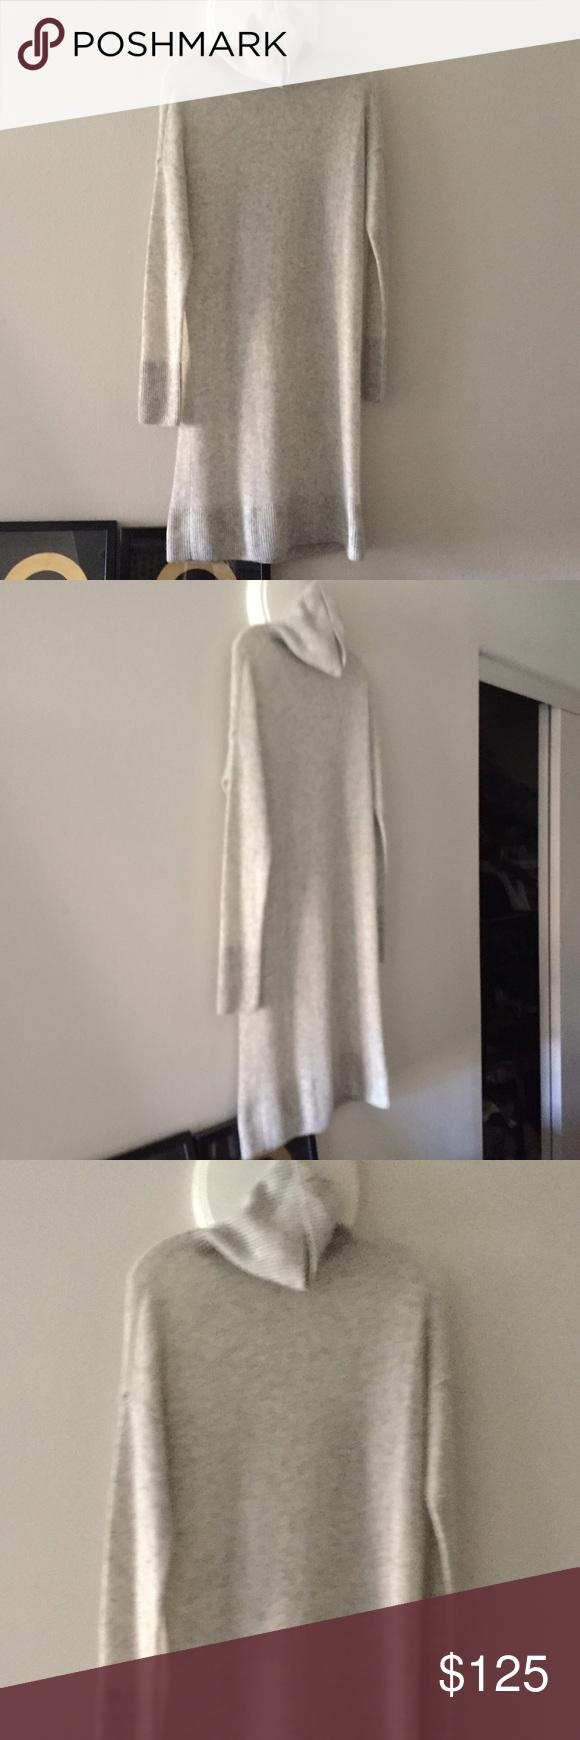 Steven Alan Cashmere Sweater Dress Medium Steven Alan Cashmere Turtleneck Sweater Dress Size Medium.  Great condition. Steven Alan Sweaters Cowl & Turtlenecks